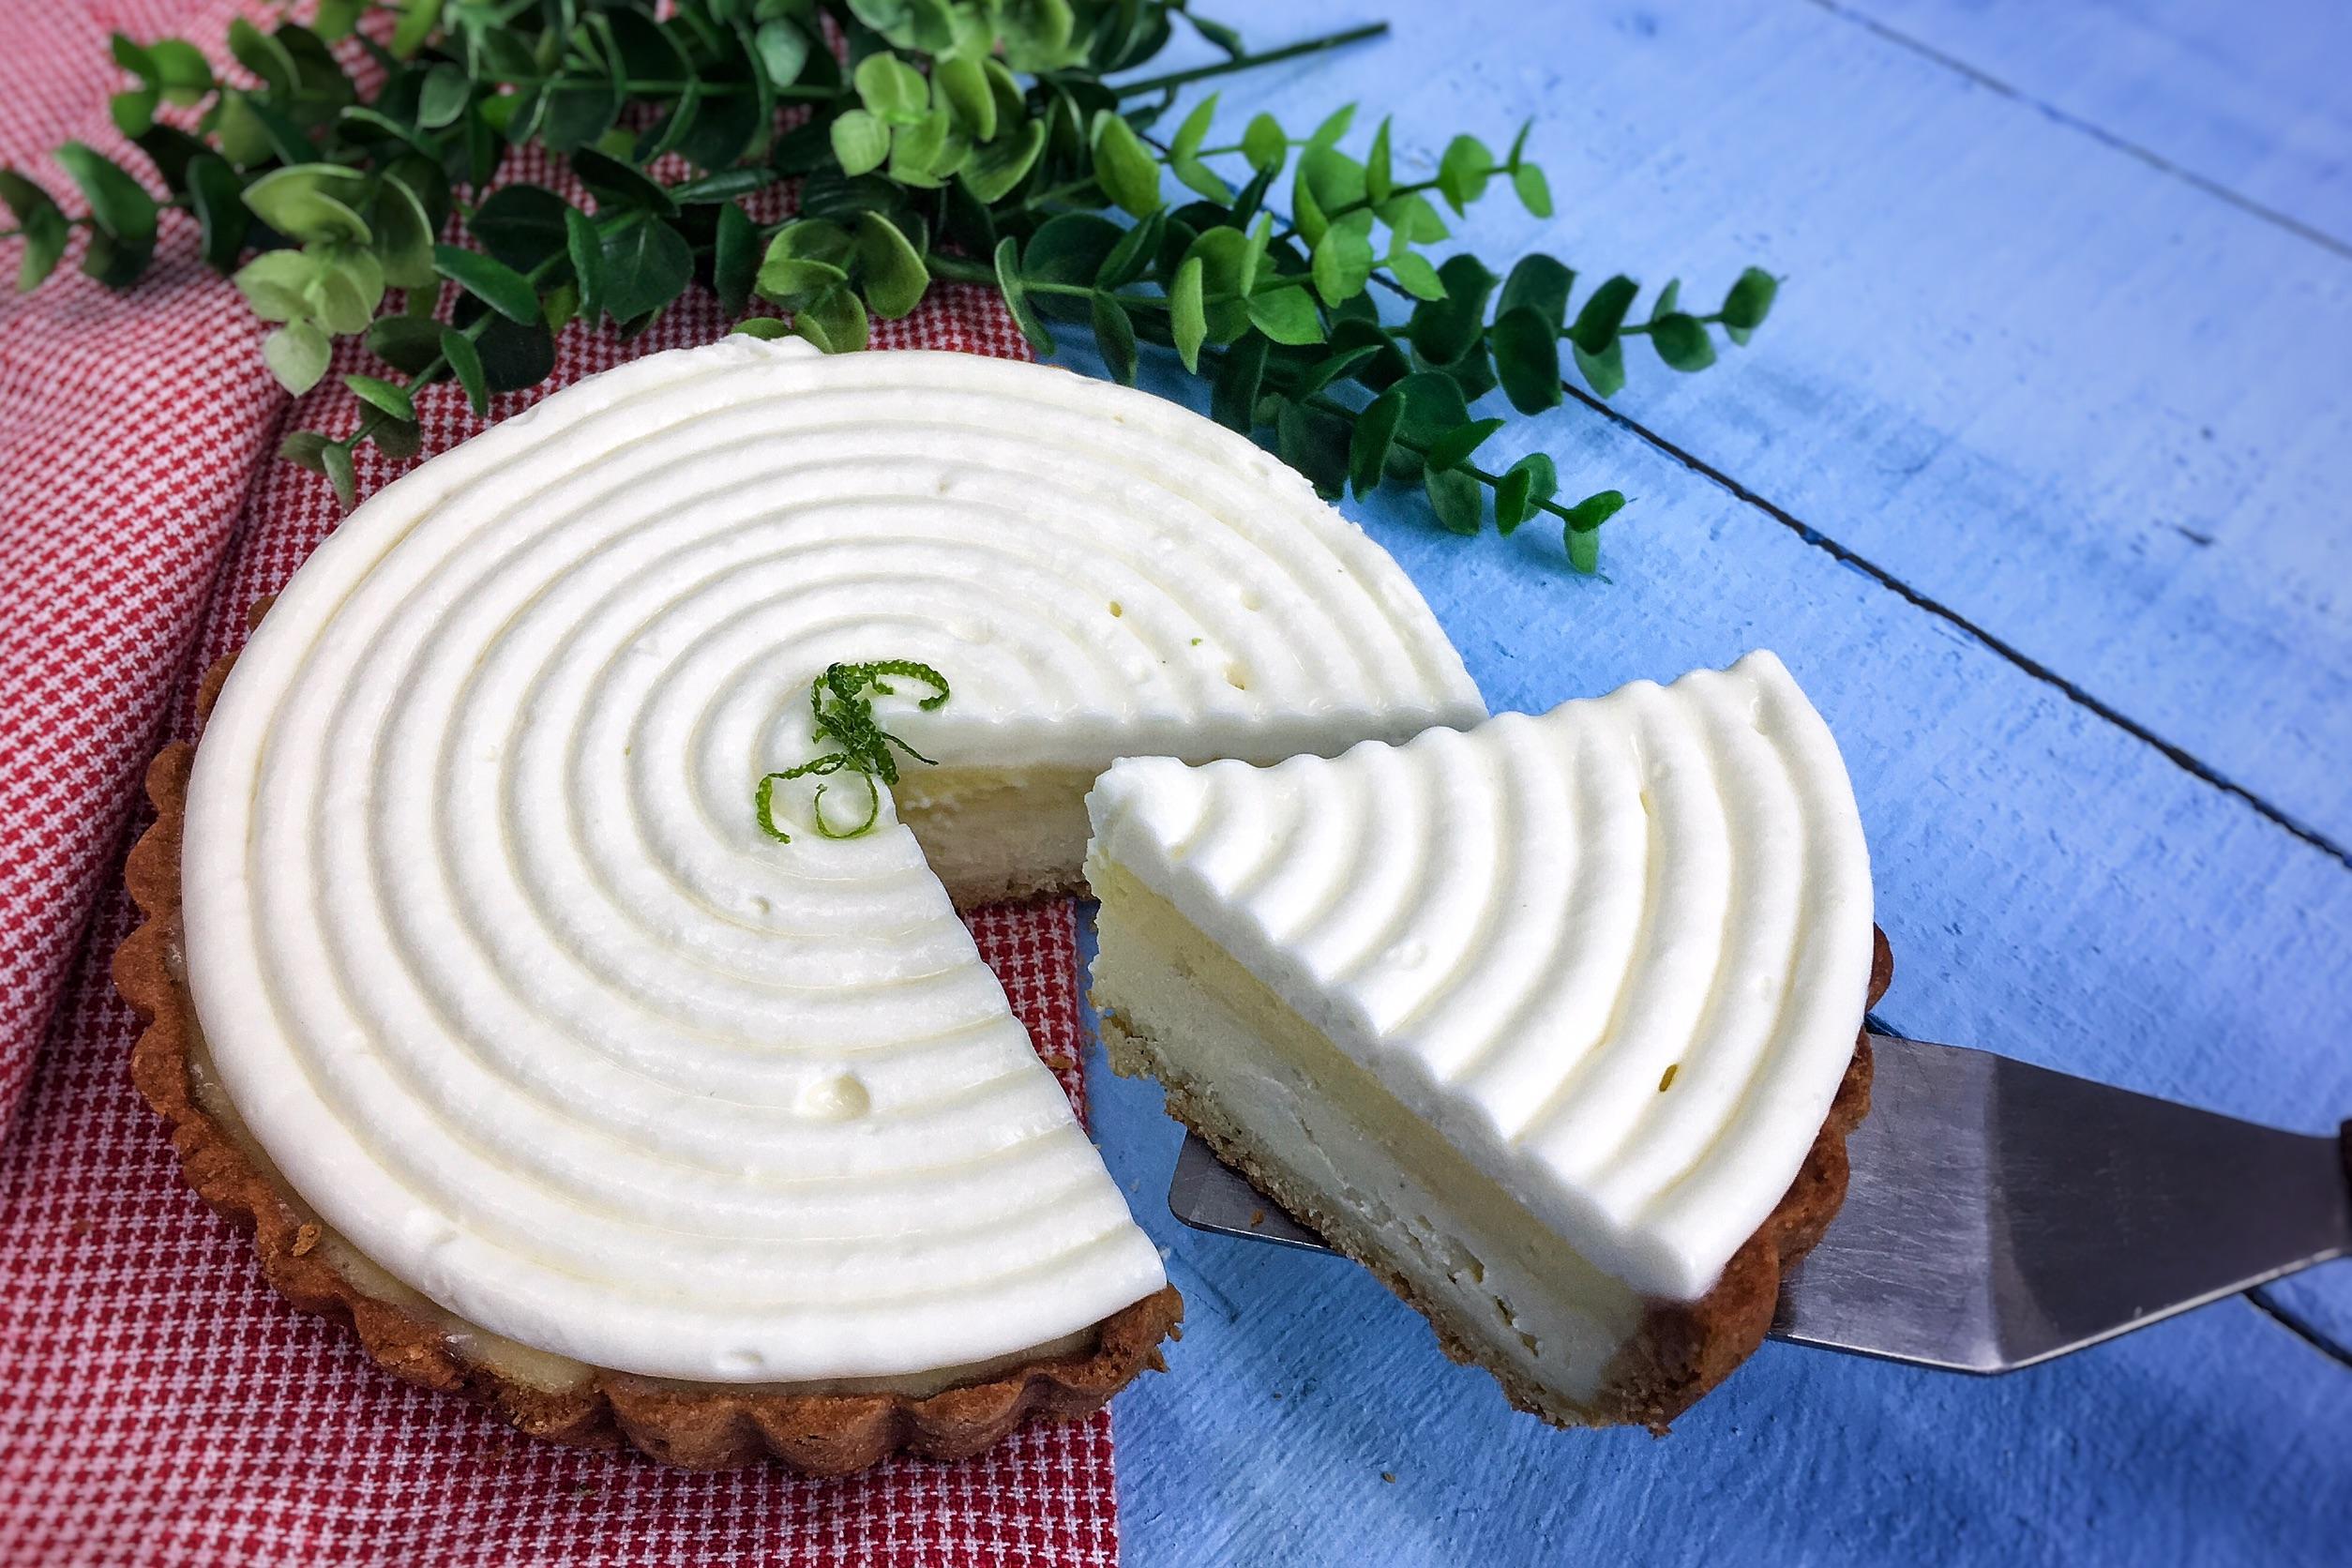 「6吋檸檬塔」 檸檬乳酪布丁塔,酸甜檸檬配上頂級法國AOP產區鮮奶油+白乳酪,檸檬塔跟乳酪的完美結合。